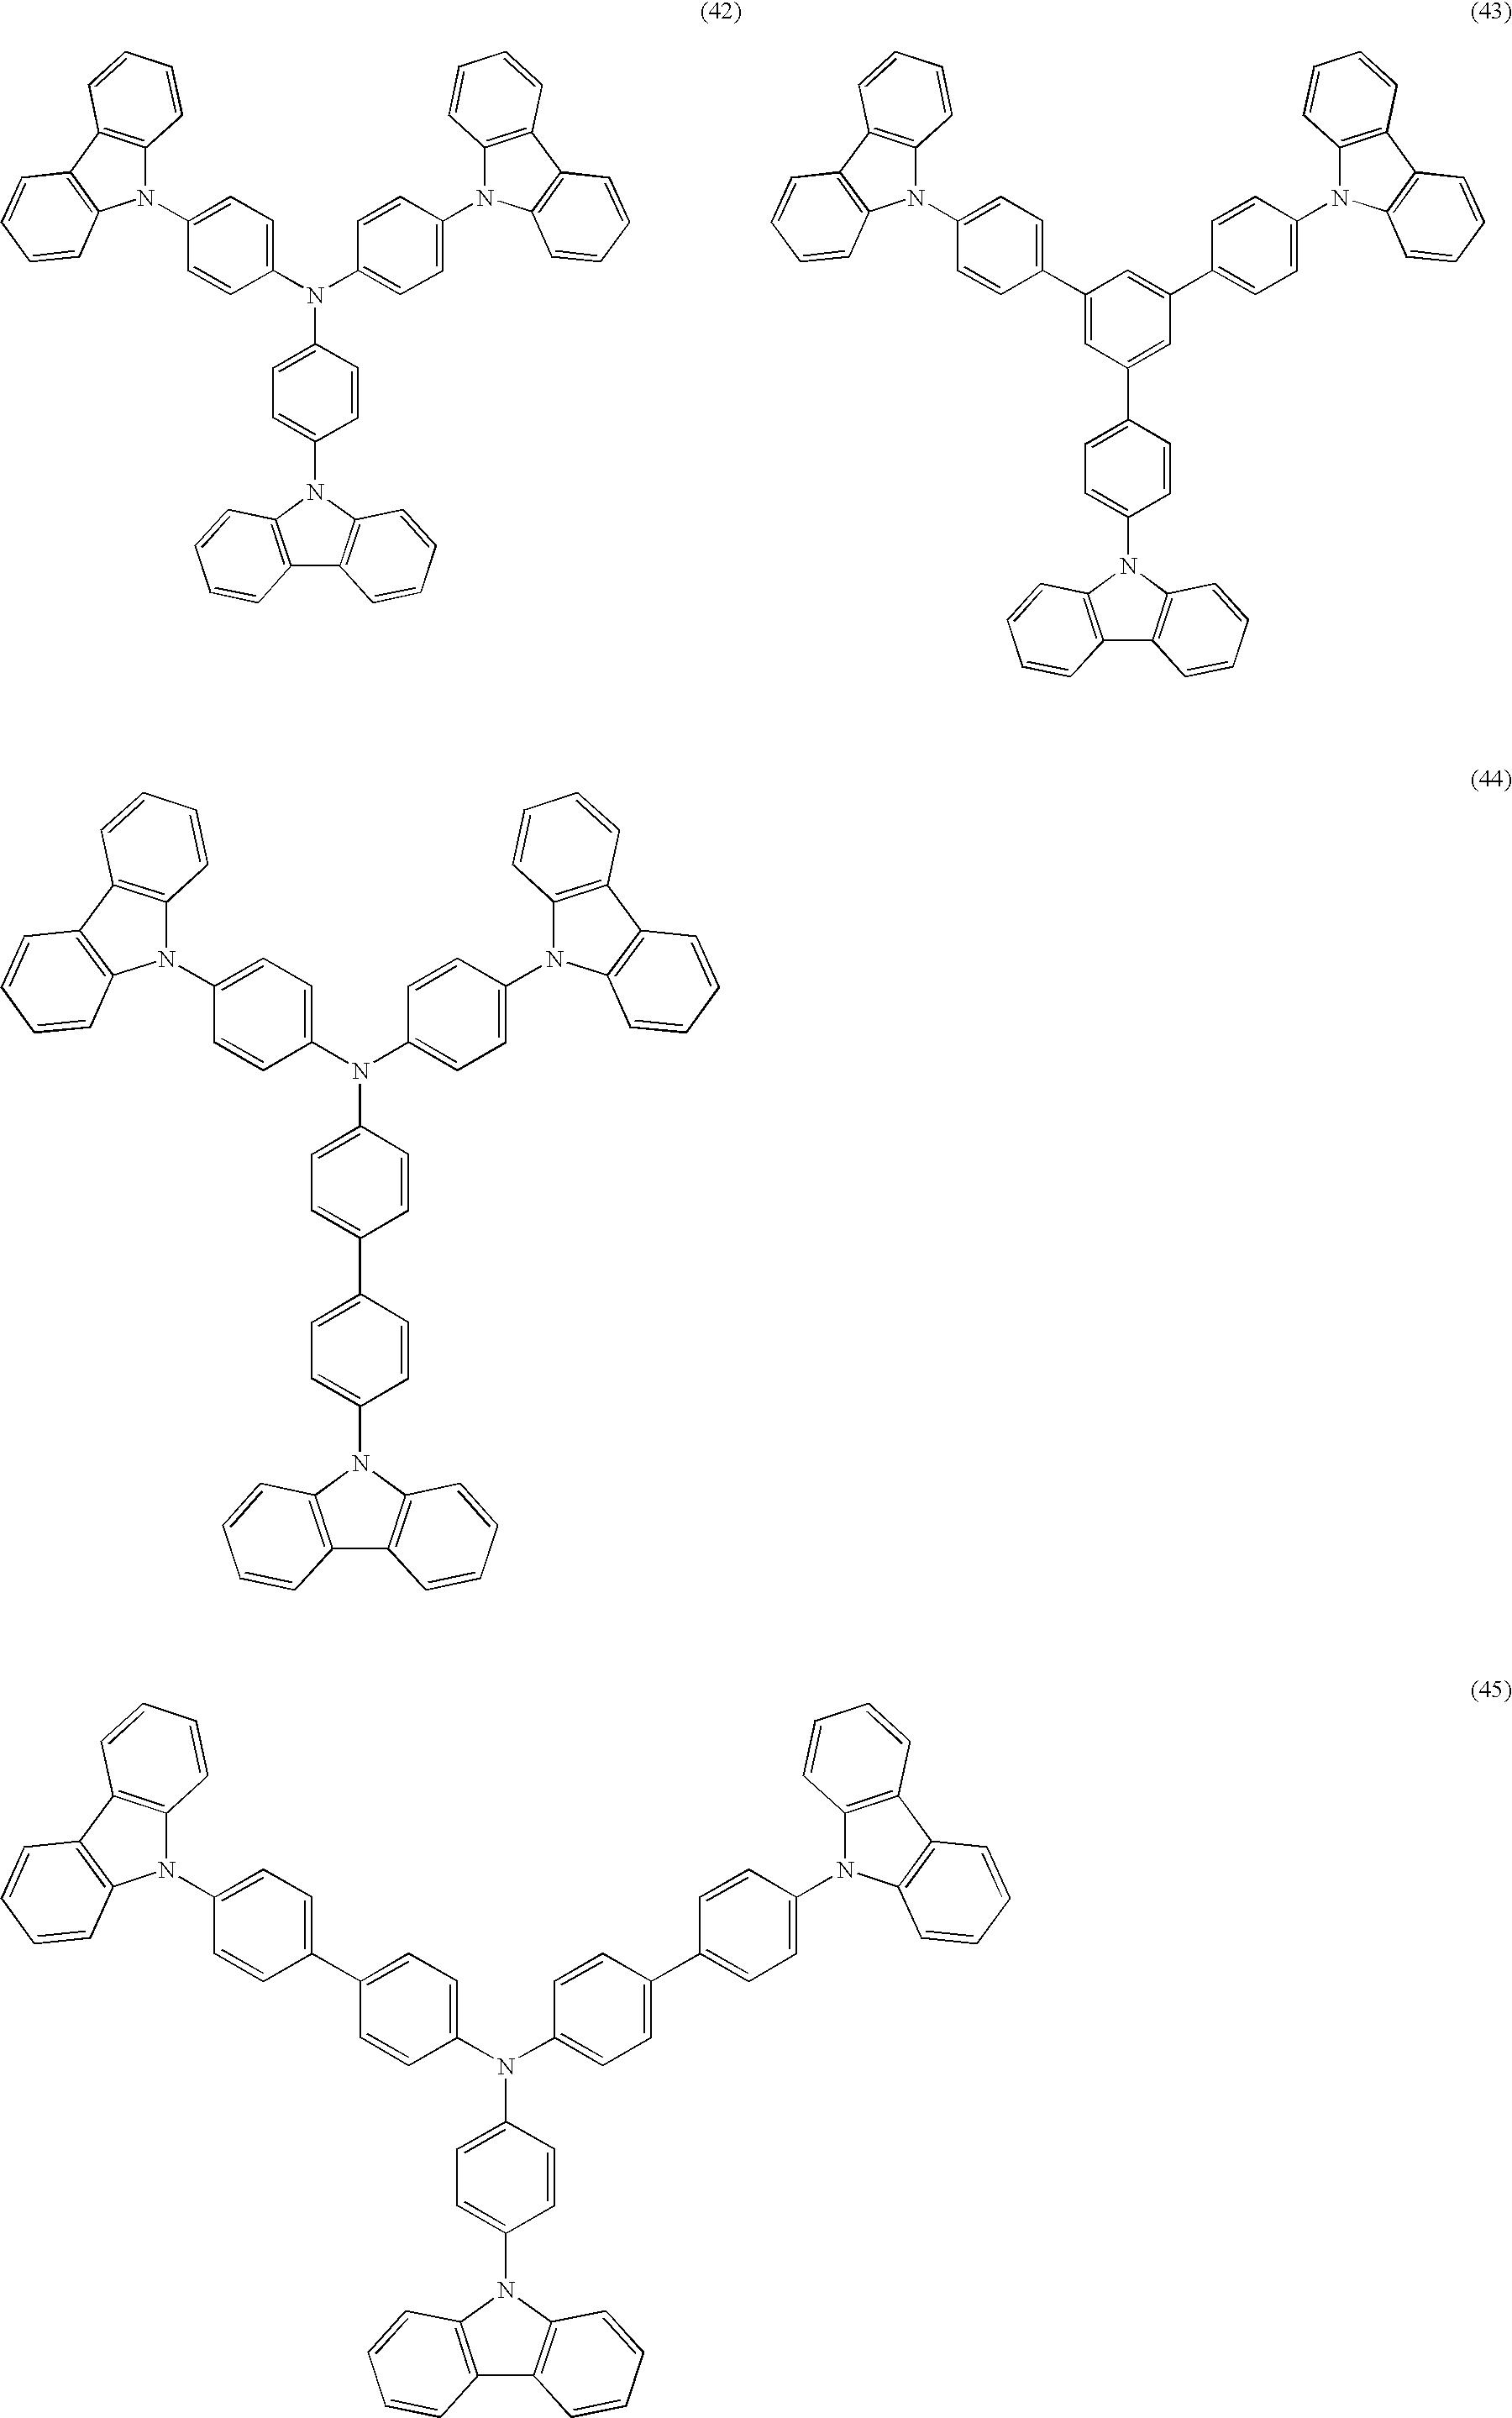 Figure US07226546-20070605-C00017